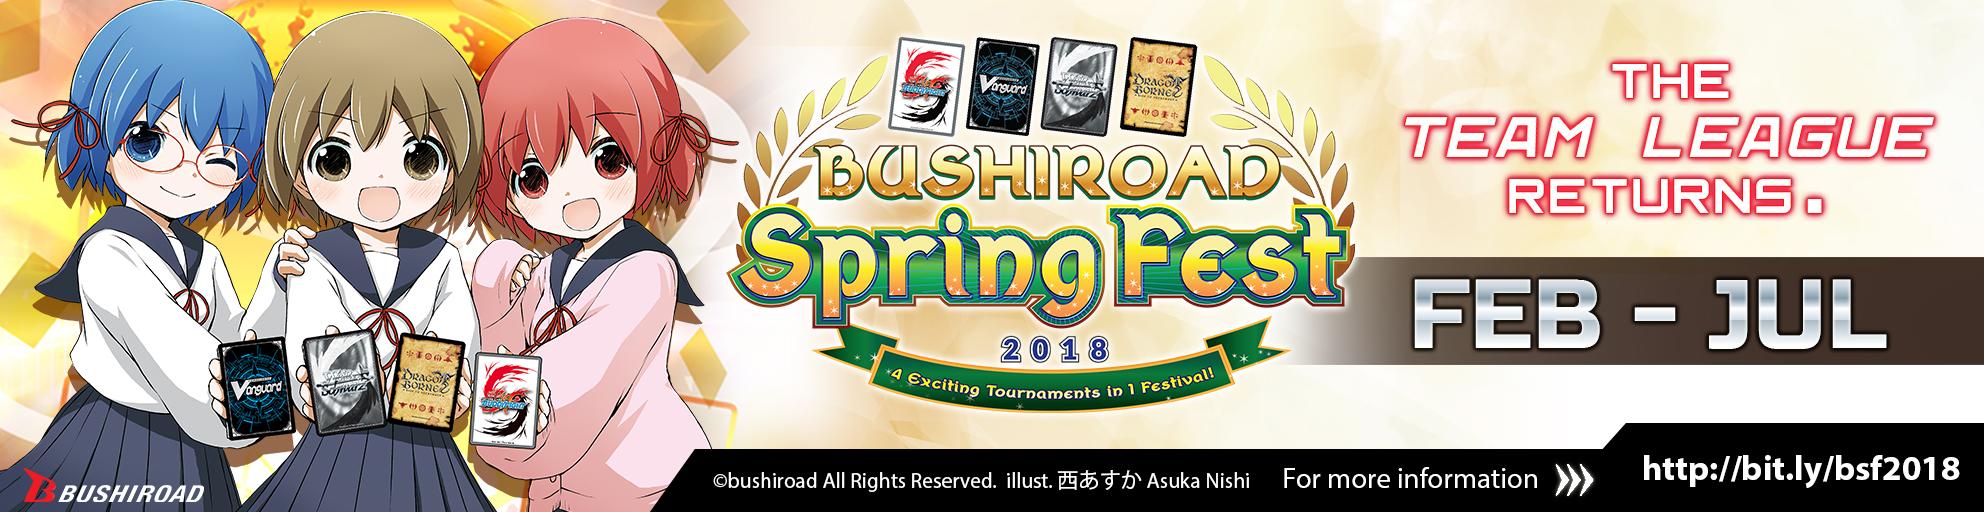 Bushiroad Spring Fest 2018 banner